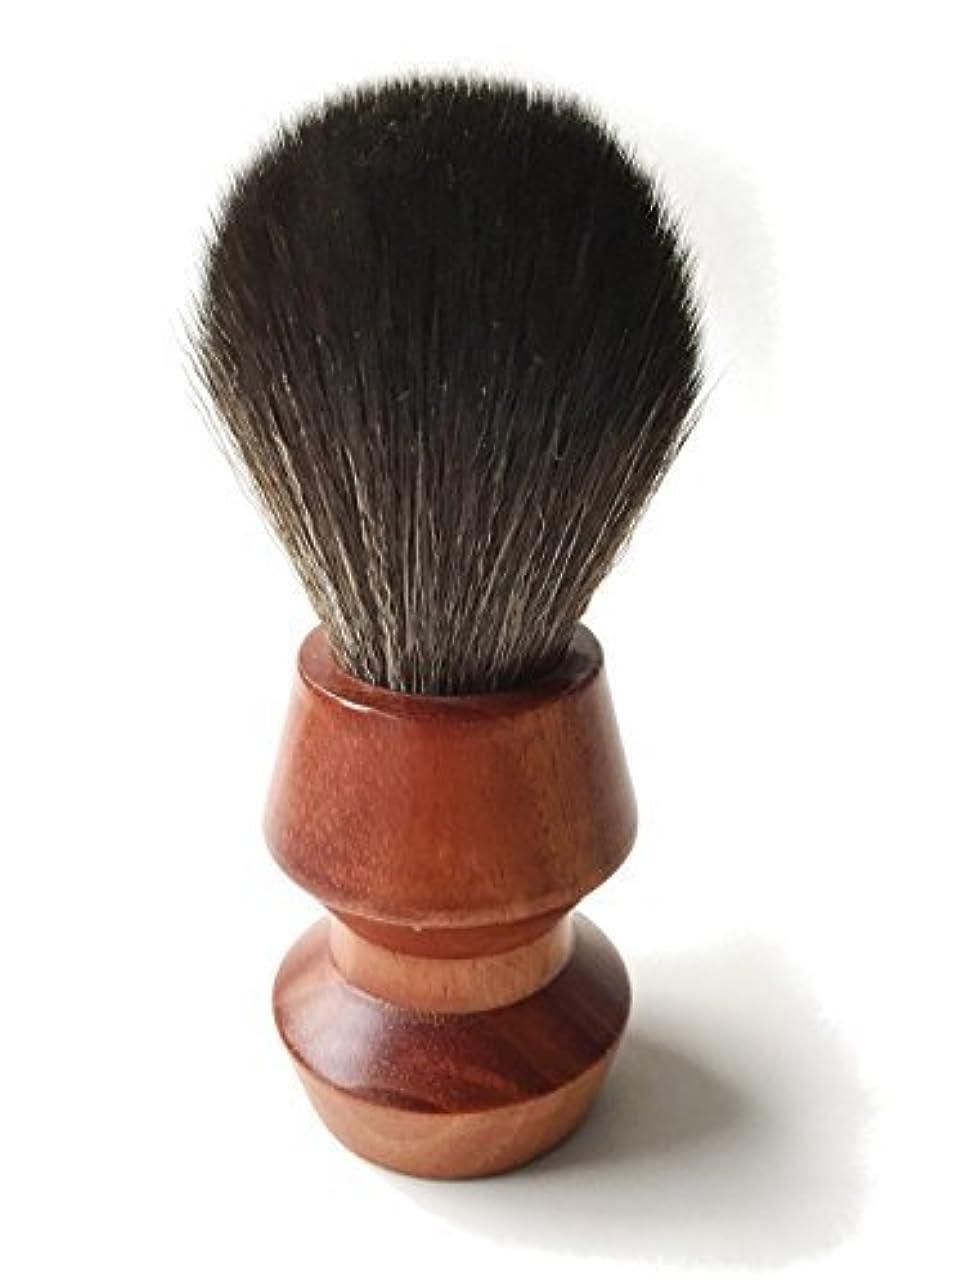 最も新しさスペアParagon Shaving Brush - Luxury Handcrafted Soft Black Synthetic Fibers in Solid Mahogany Handle [並行輸入品]